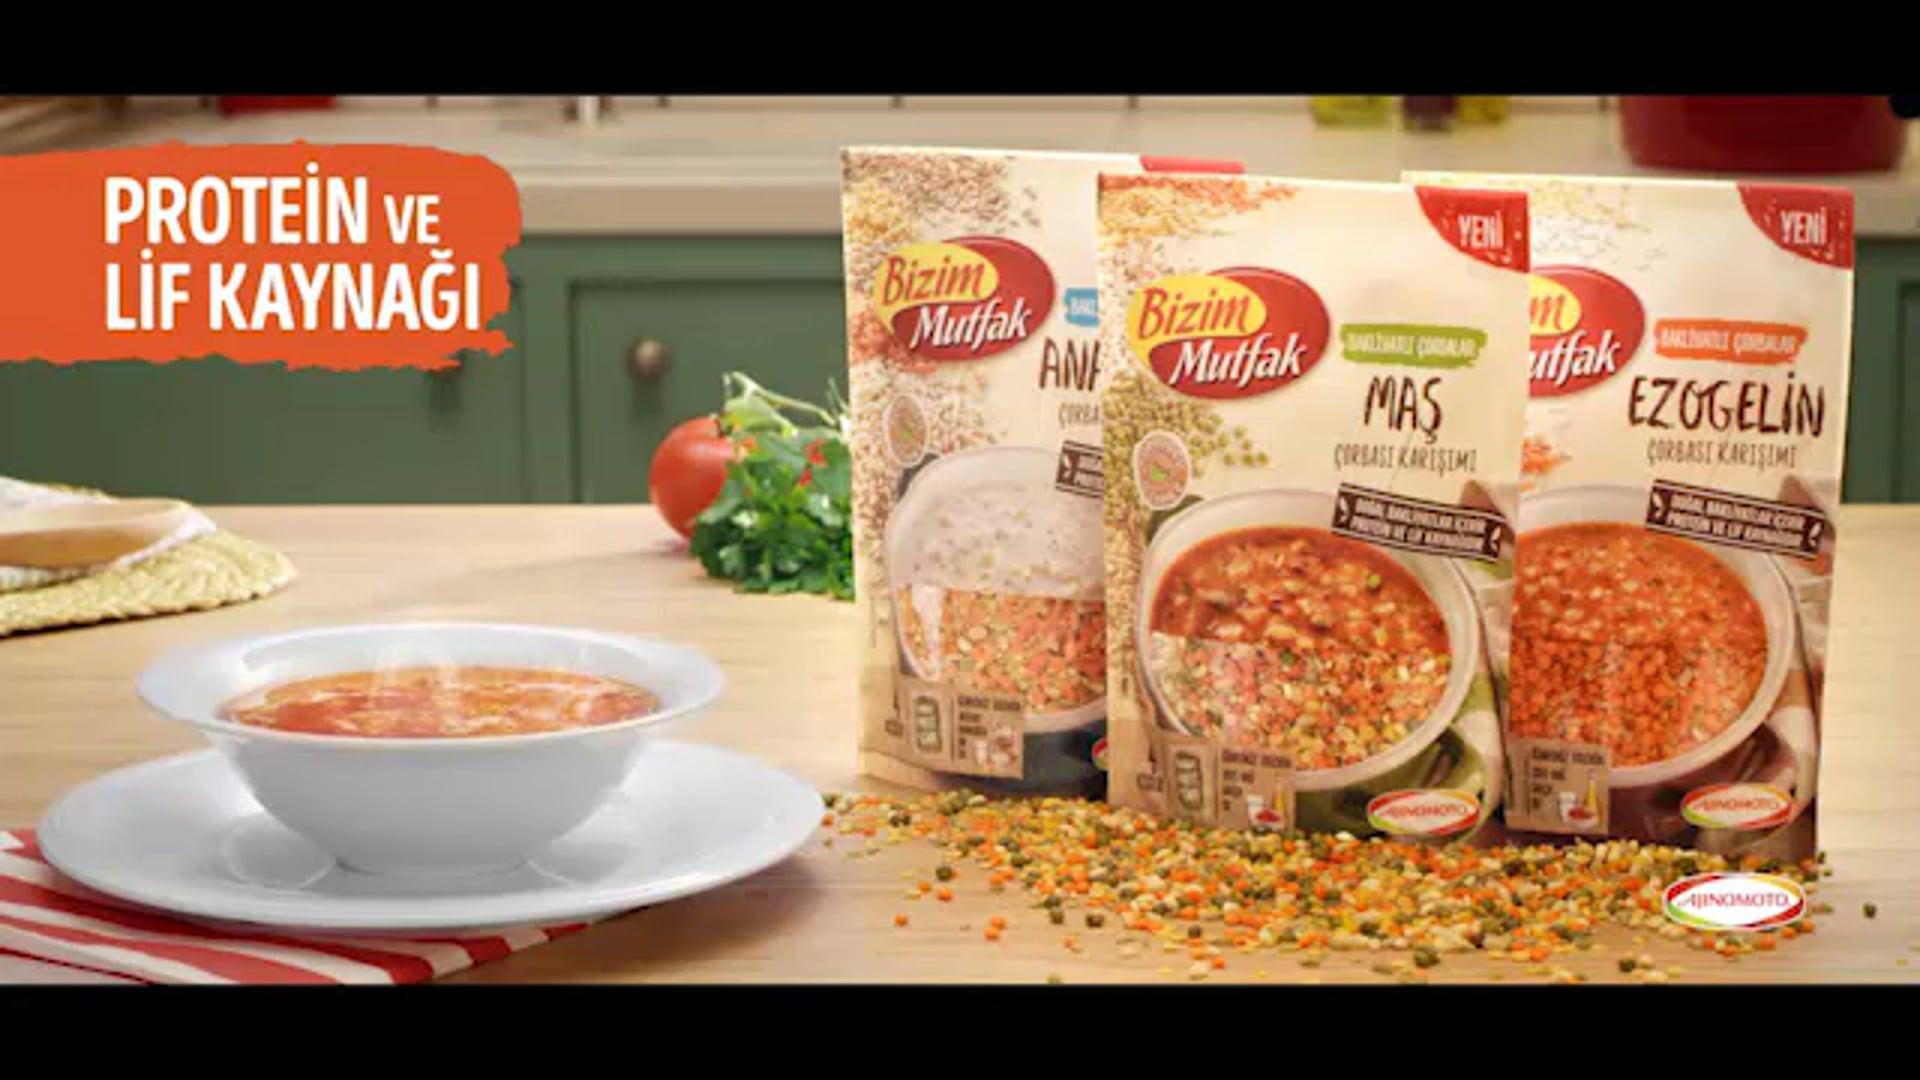 Bizim Mutfak 'Organic Soups'